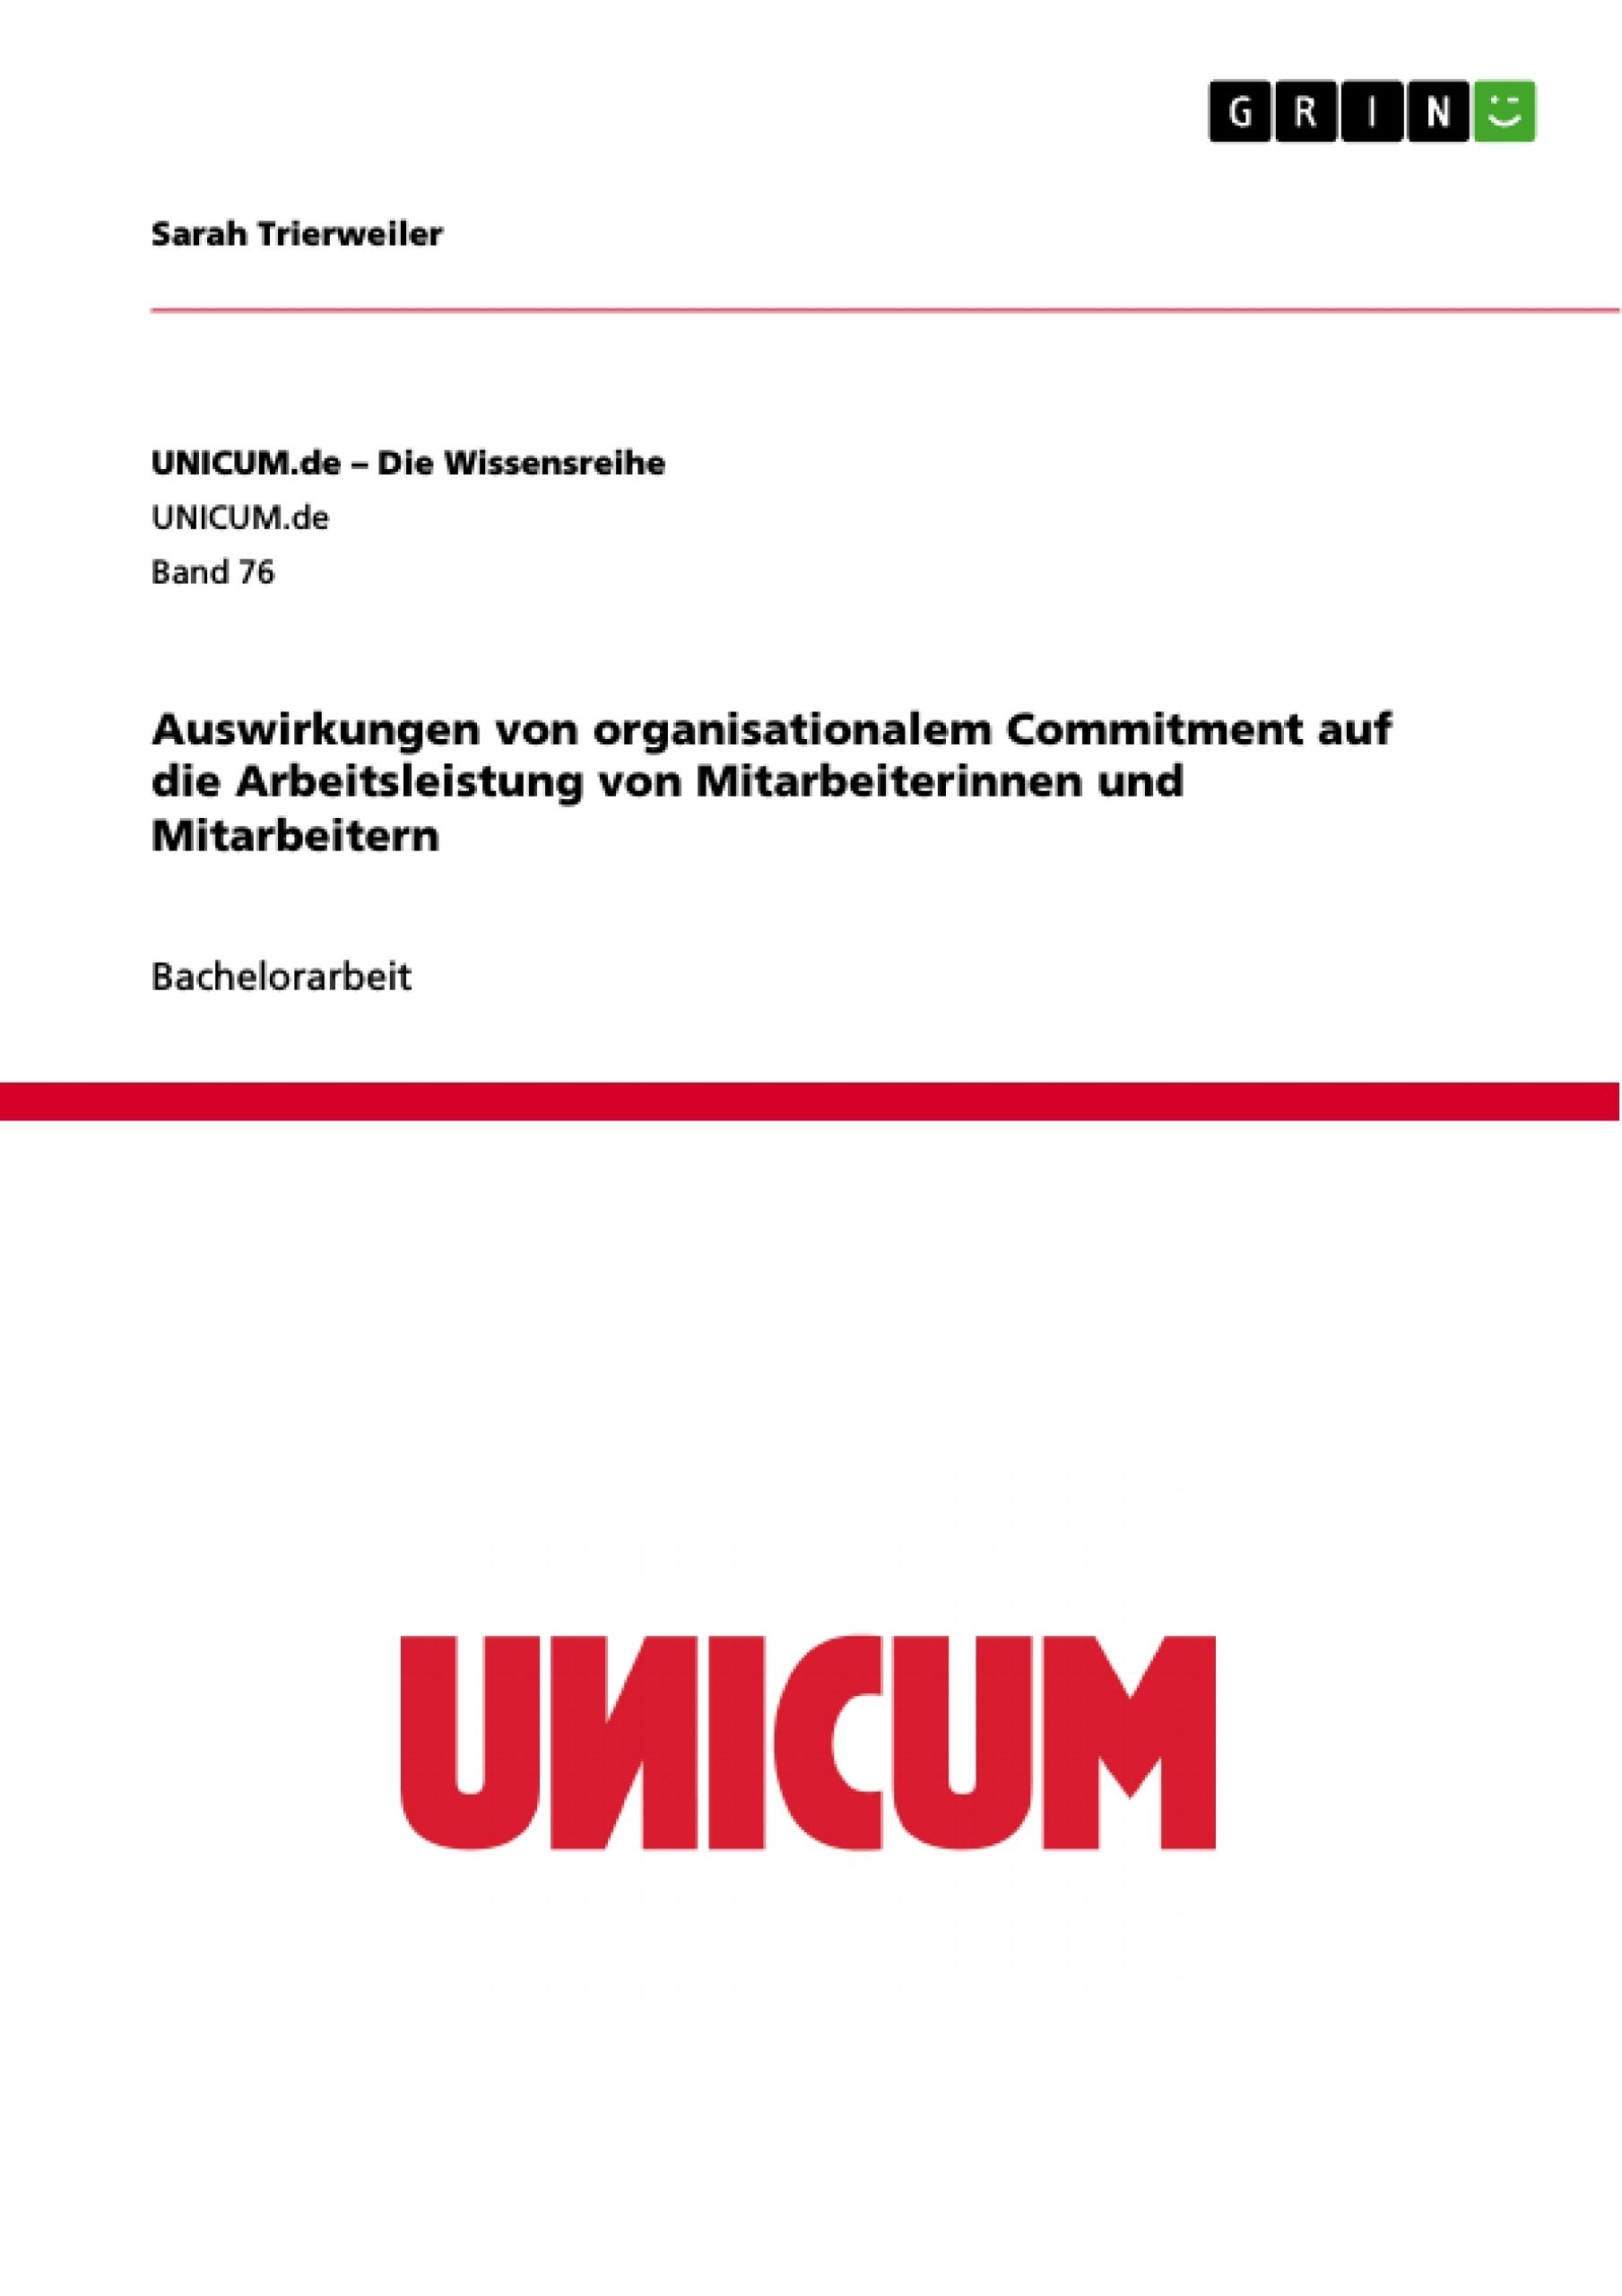 Titel: Auswirkungen von organisationalem Commitment auf die Arbeitsleistung von Mitarbeiterinnen und Mitarbeitern